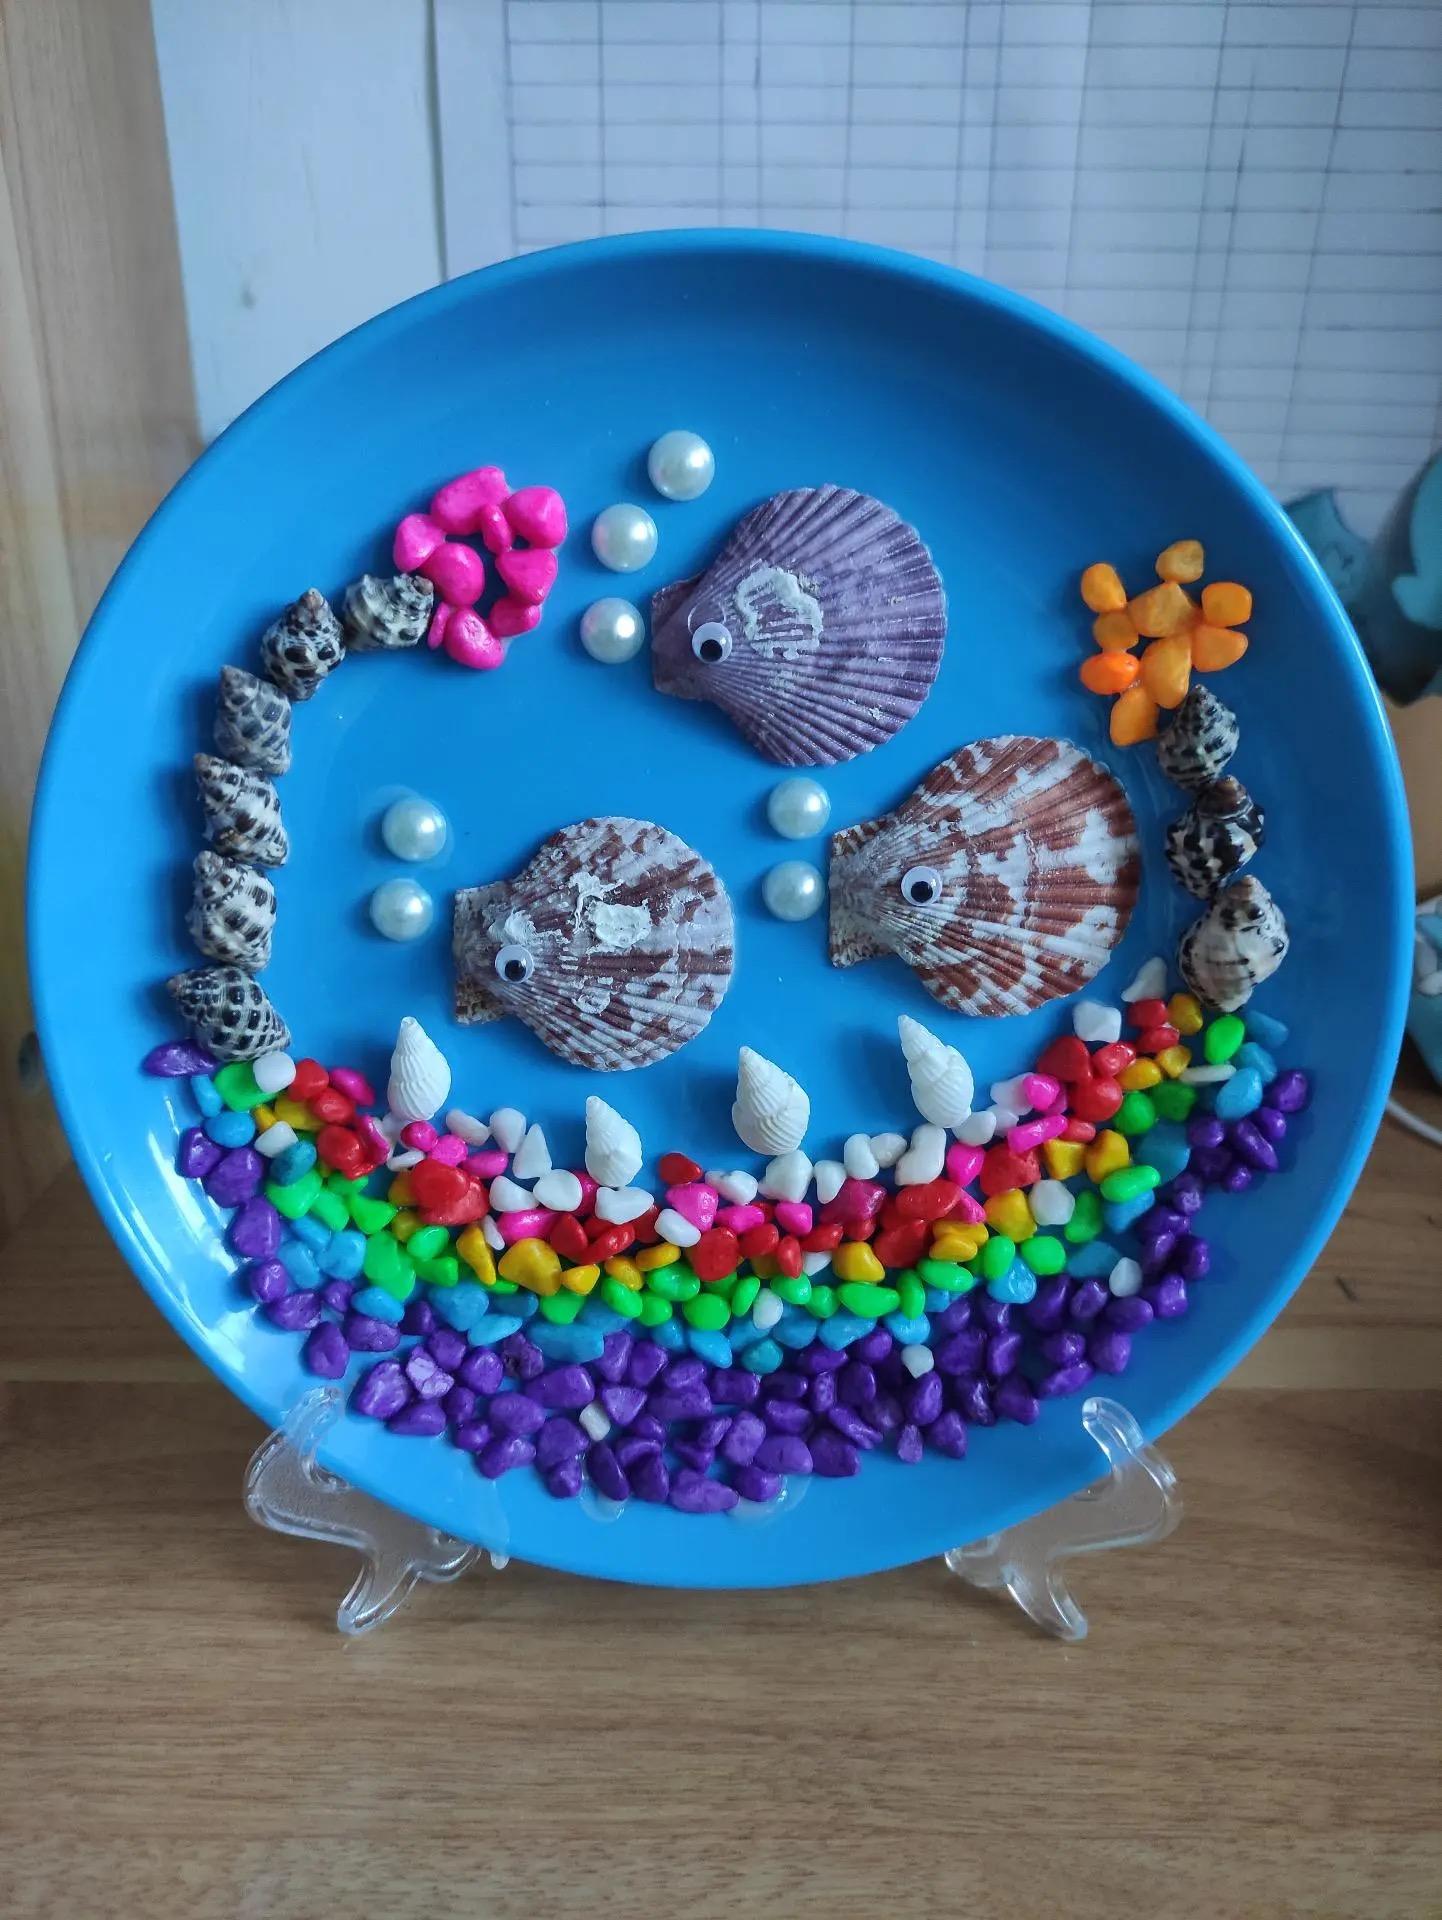 贝壳画儿童手工艺术diy玩具套装